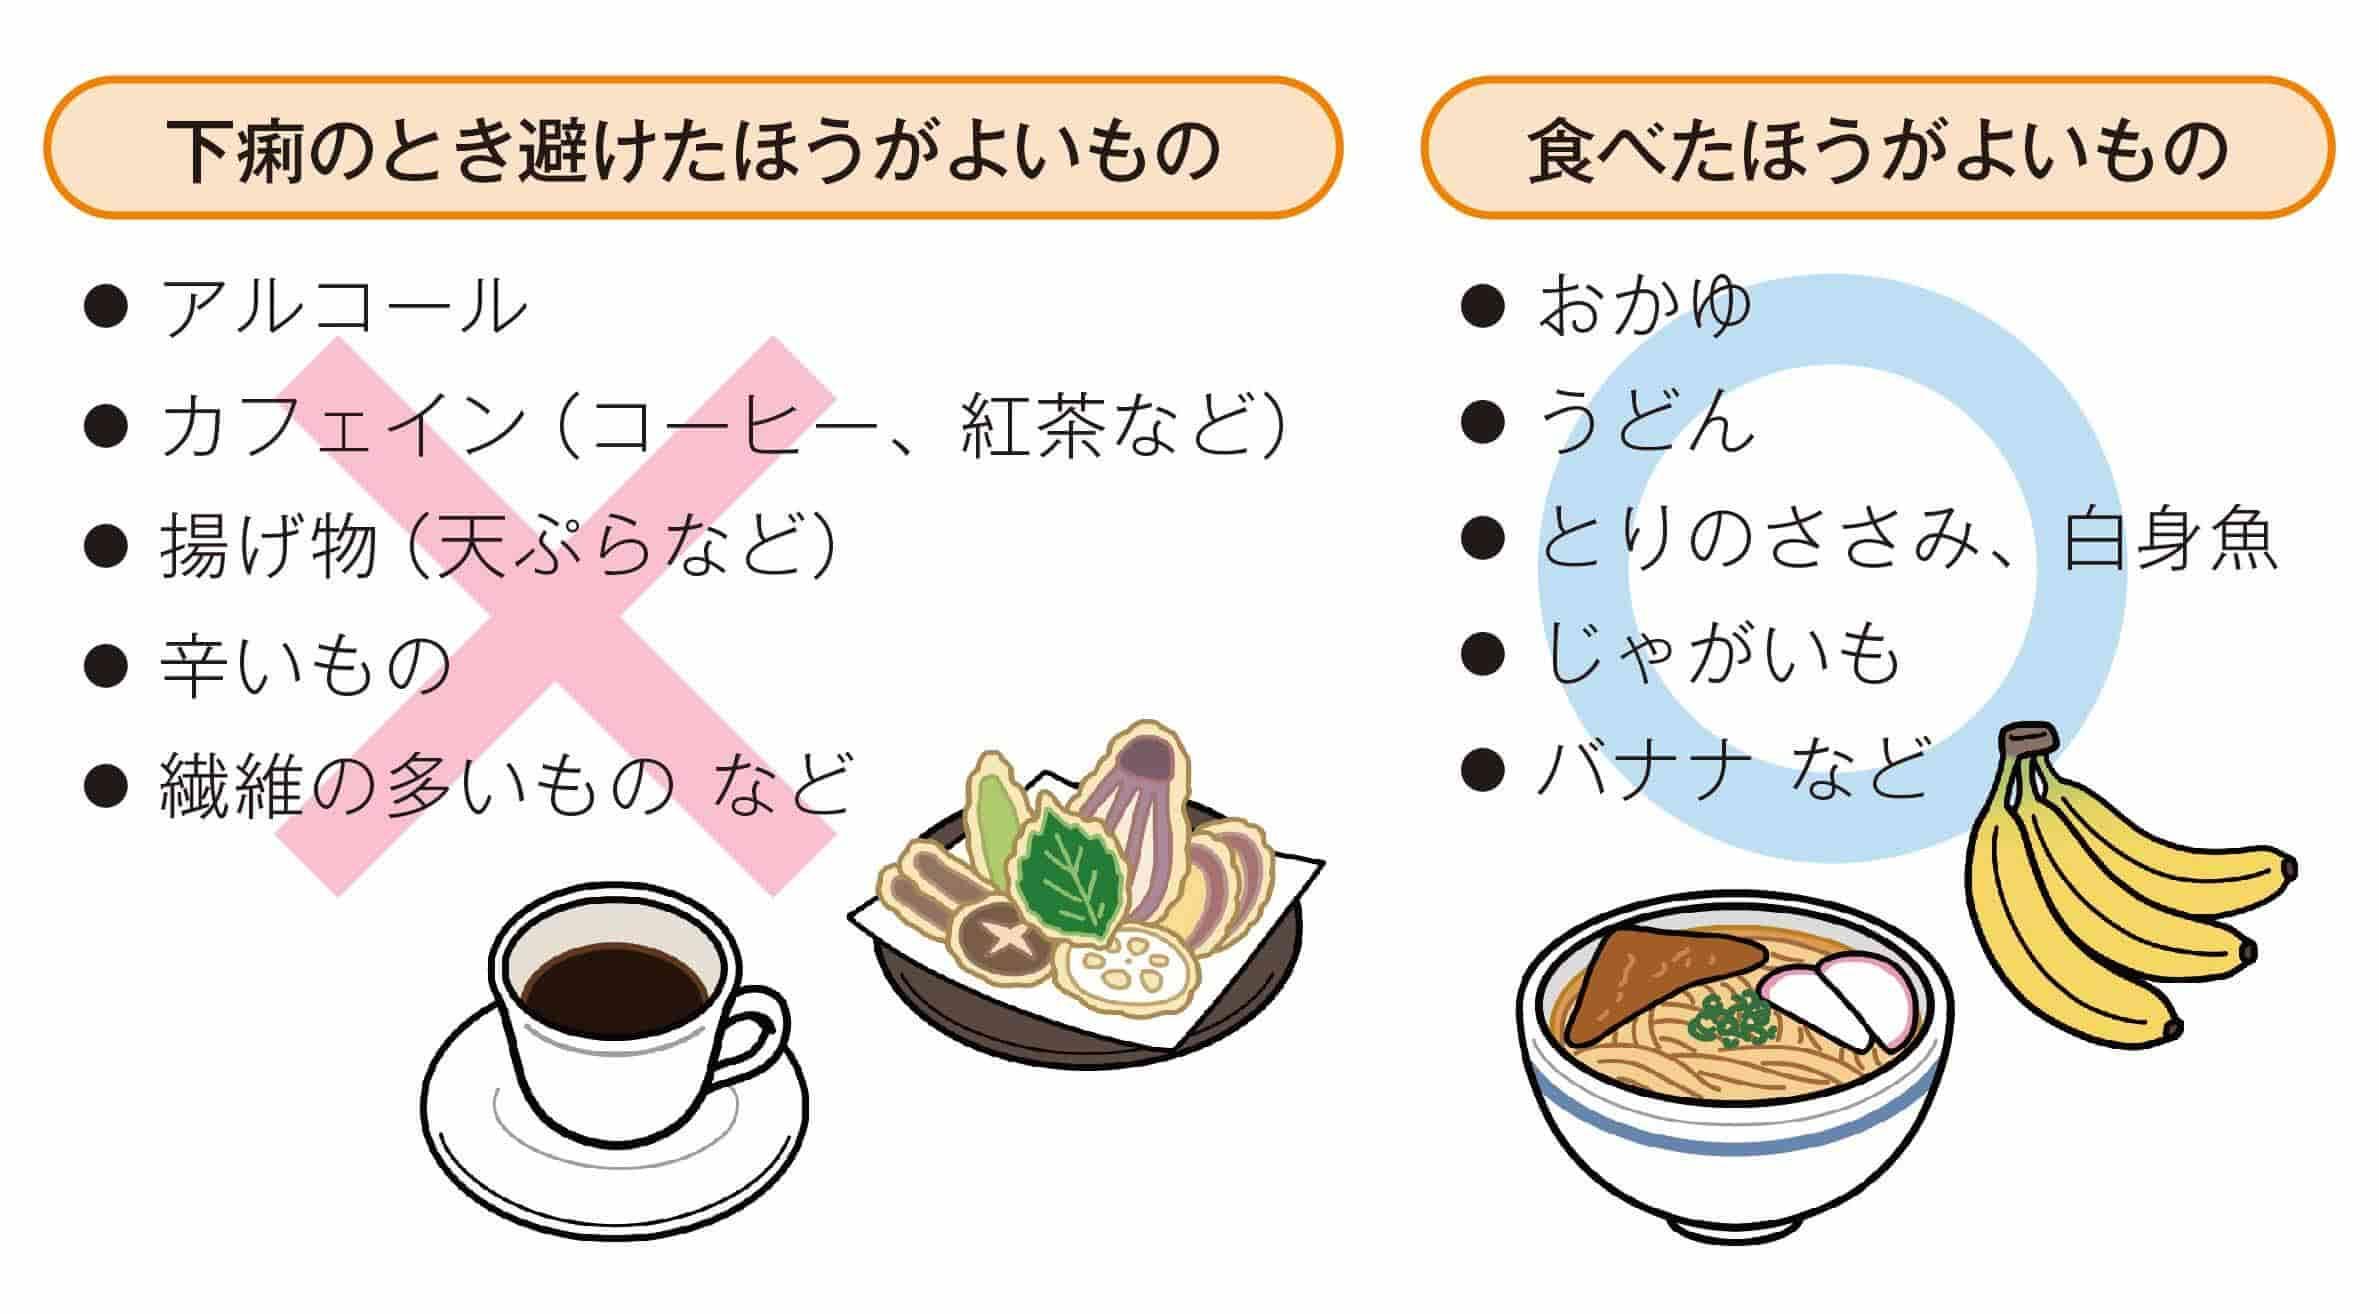 下痢のときの食事の工夫